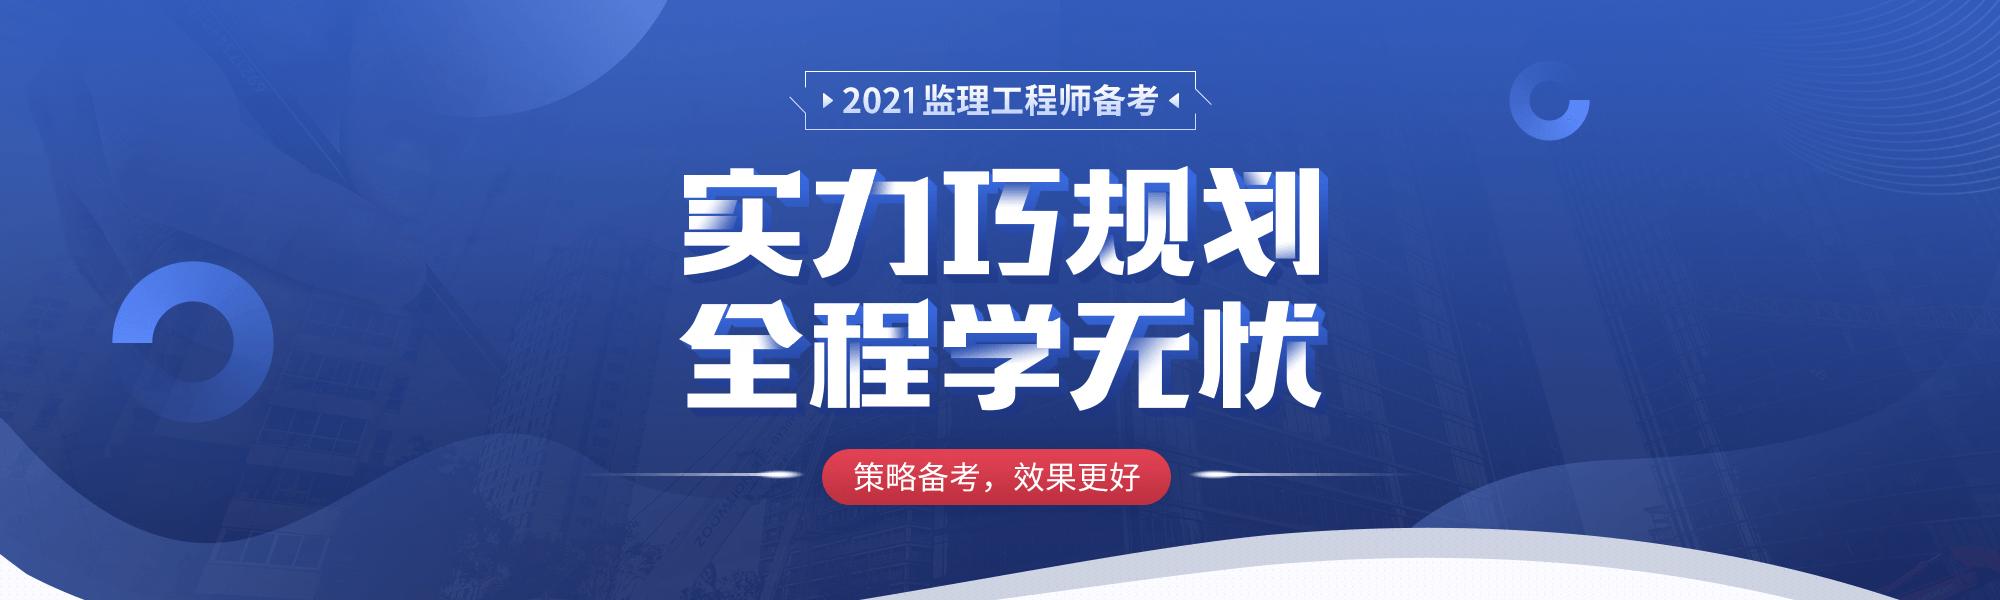 2021年宁夏考下监理工程师证书还有用吗?